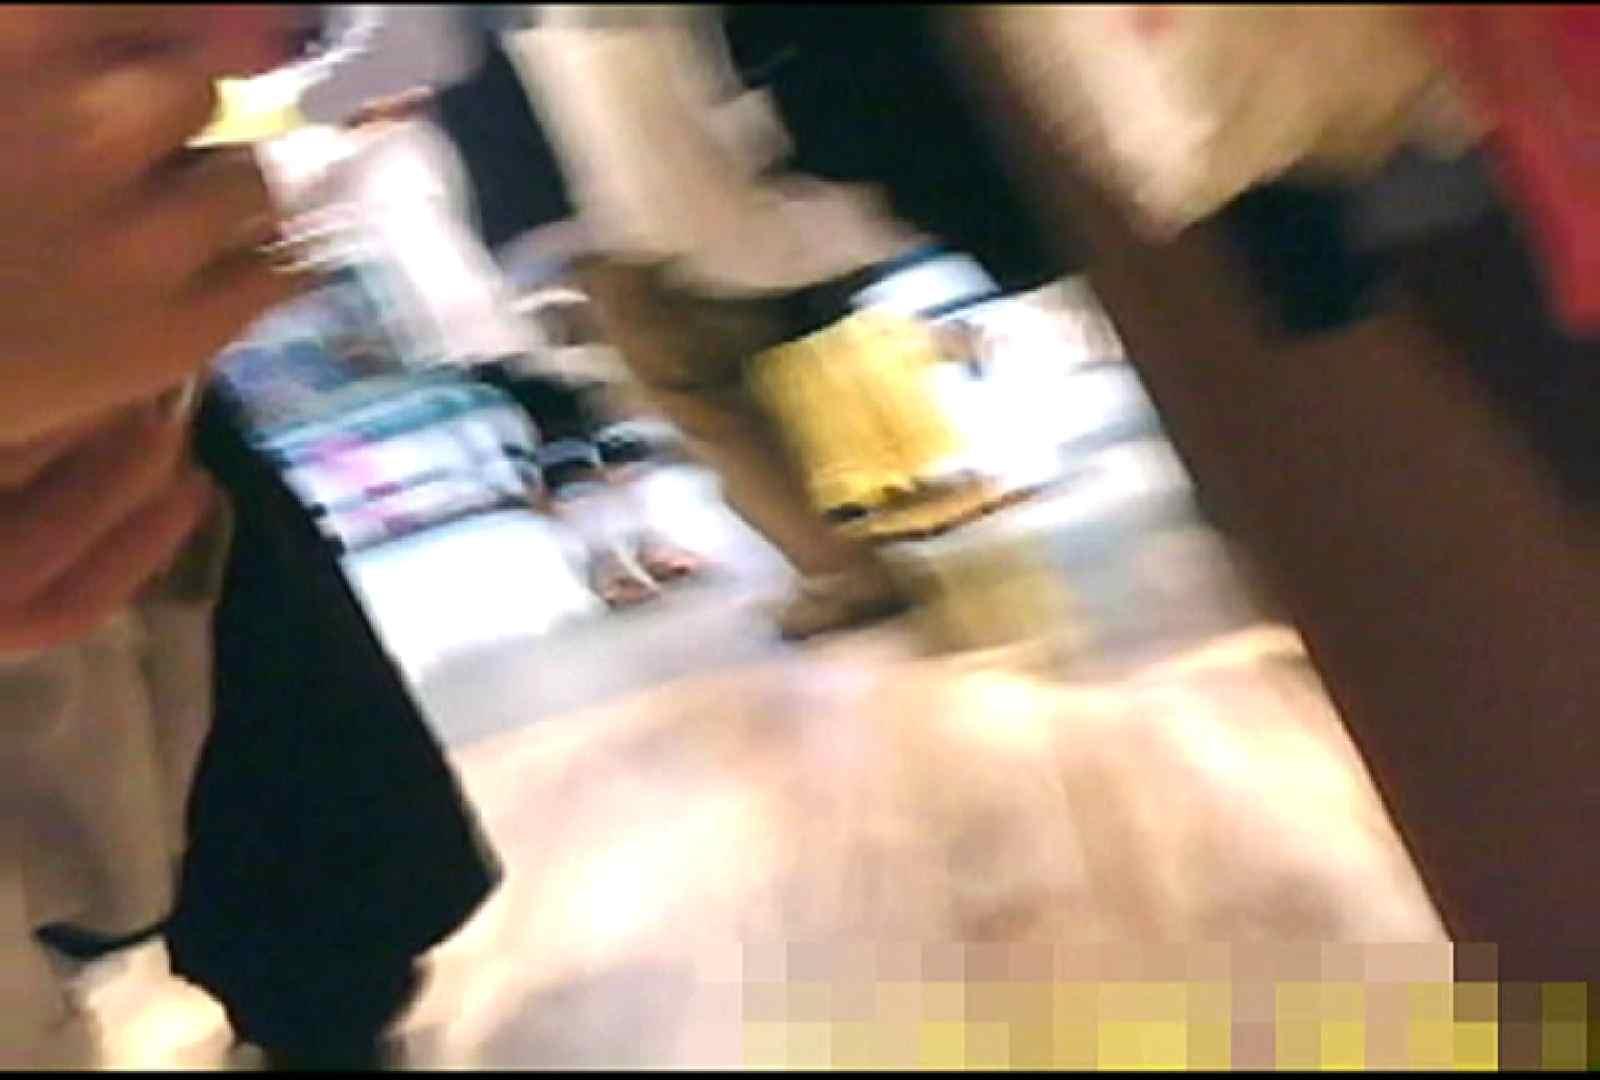 「ノゾキスト」さんの陰撮!!美女サルベージVol.4 ギャルヌード | 美女ヌード  97画像 67